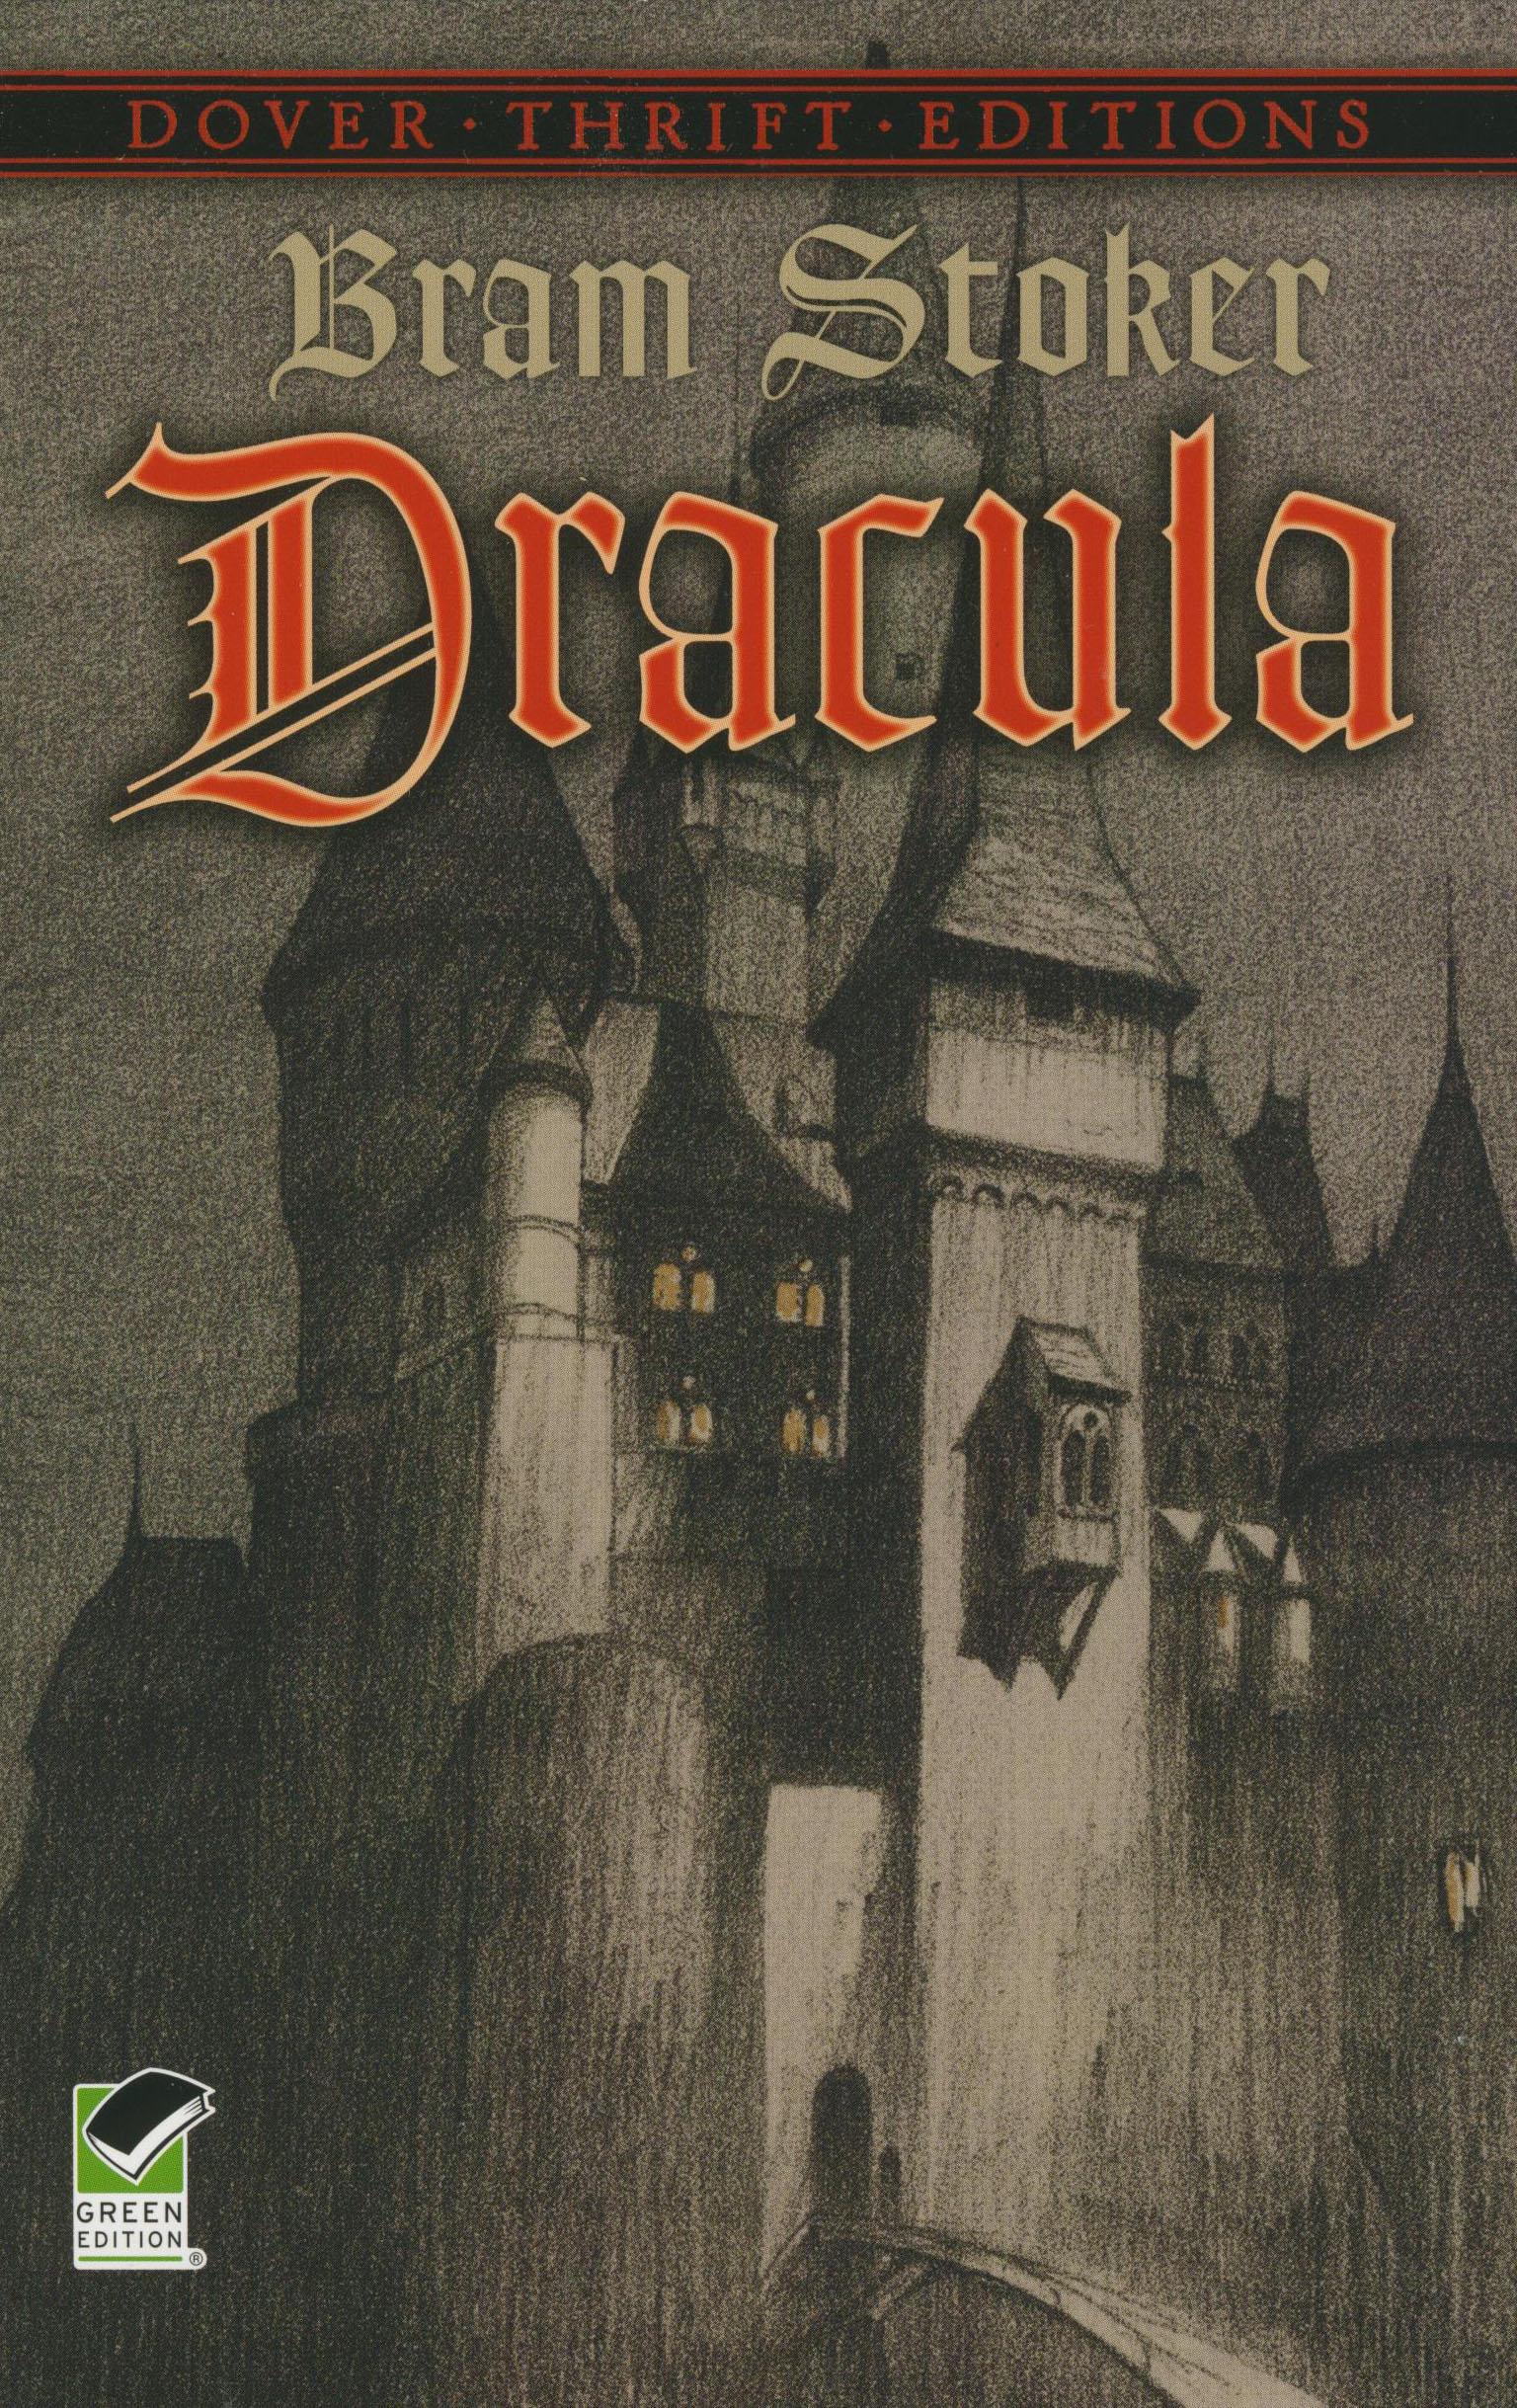 Dracula Paperback Book (1060L)